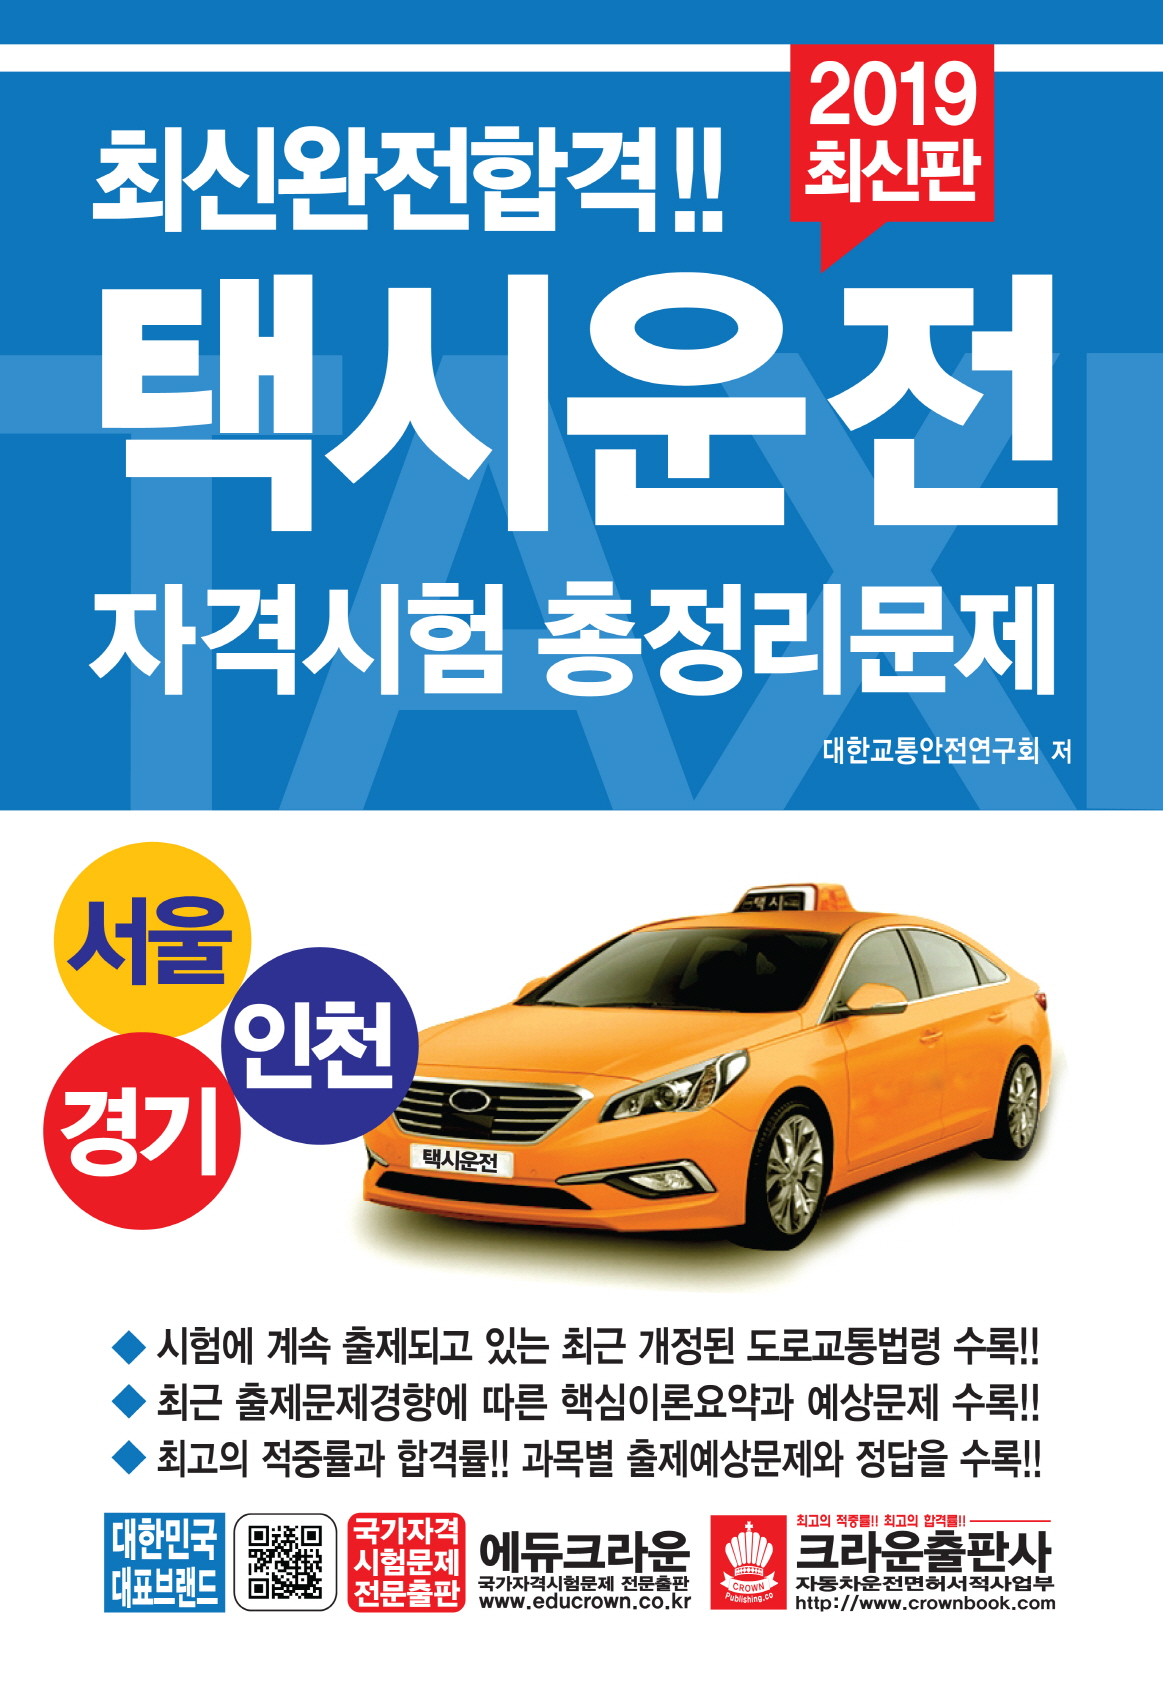 2019 최신완전합격 택시운전자격시험 총정리문제 서울 경기 인천